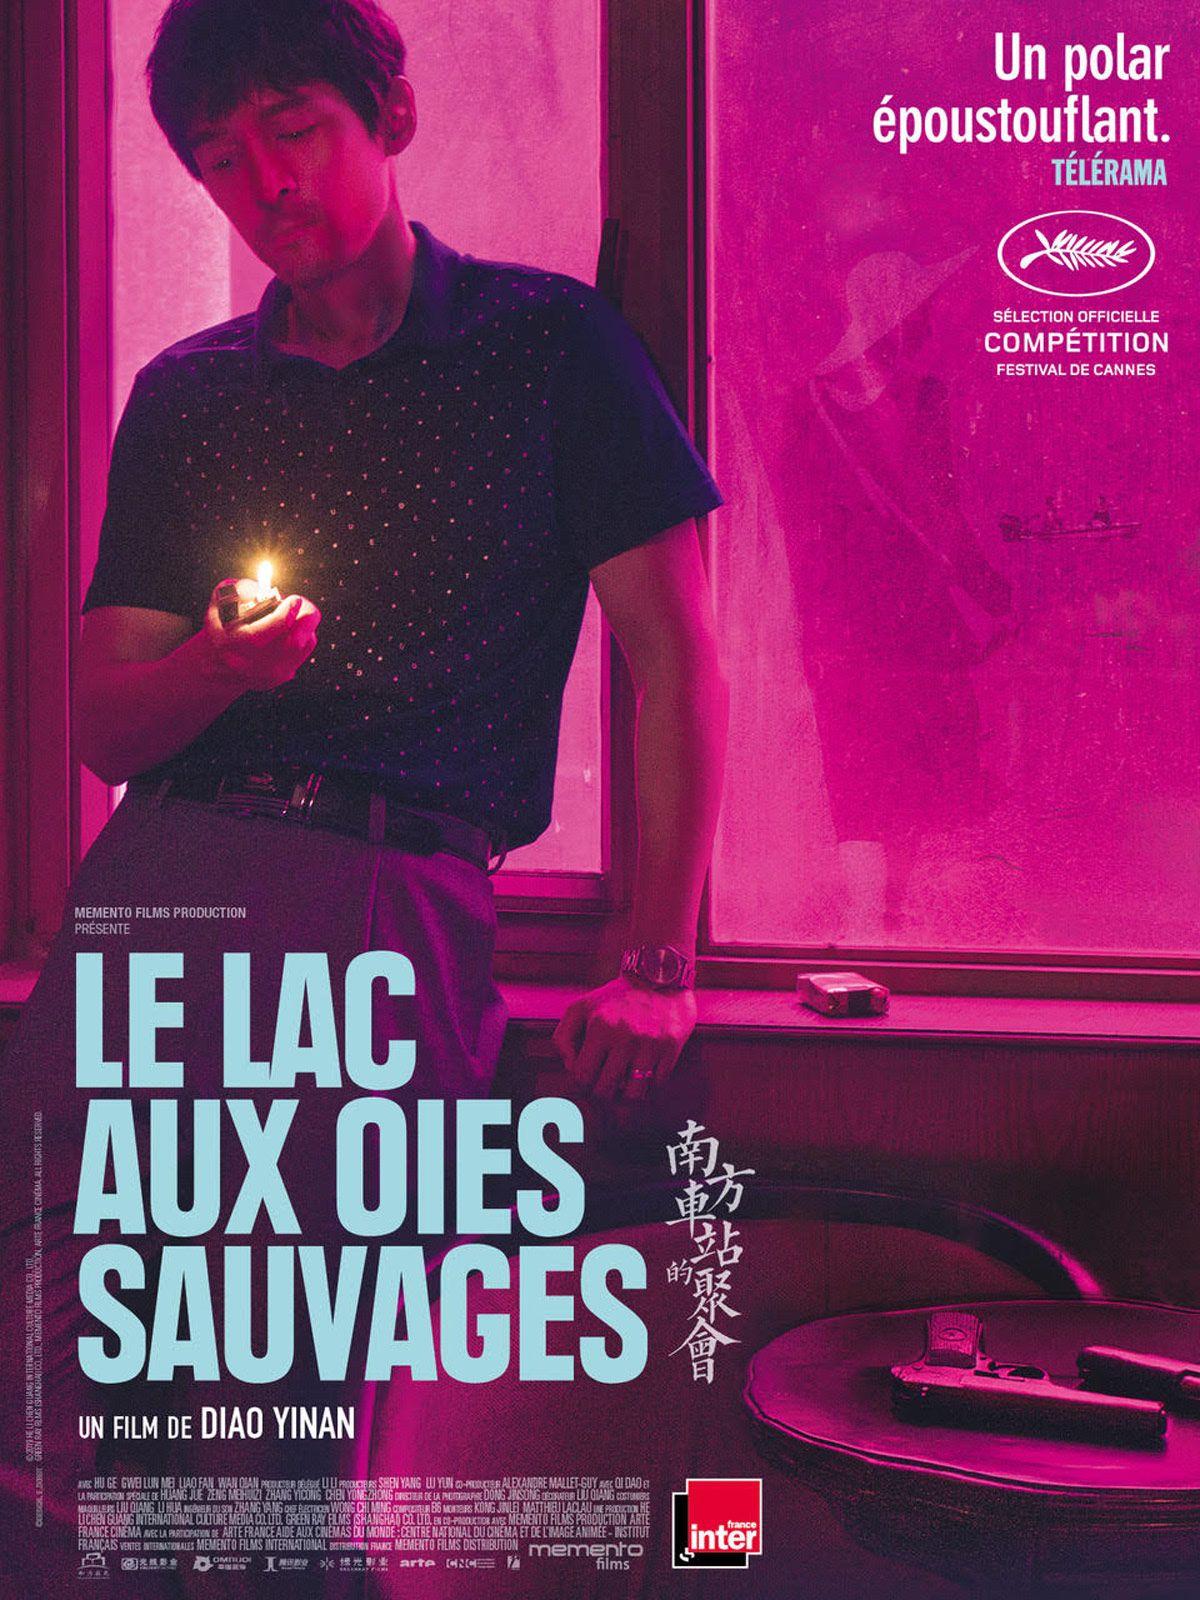 Le Lac aux oies sauvages film 2019 AlloCiné Oie